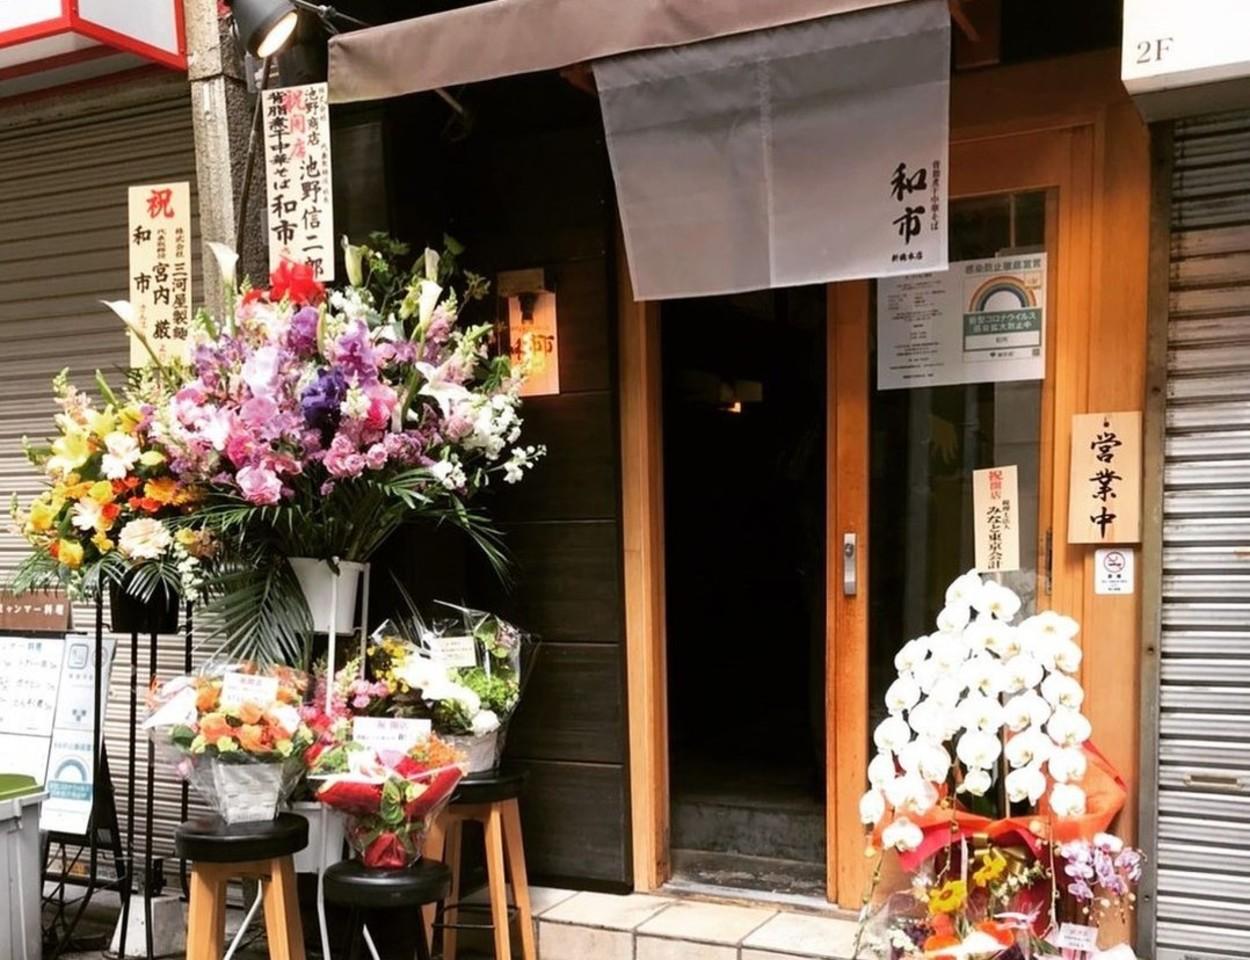 東京都港区新橋3丁目に背脂煮干中華そば「和市 新橋本店」が本日オープンされたようです。